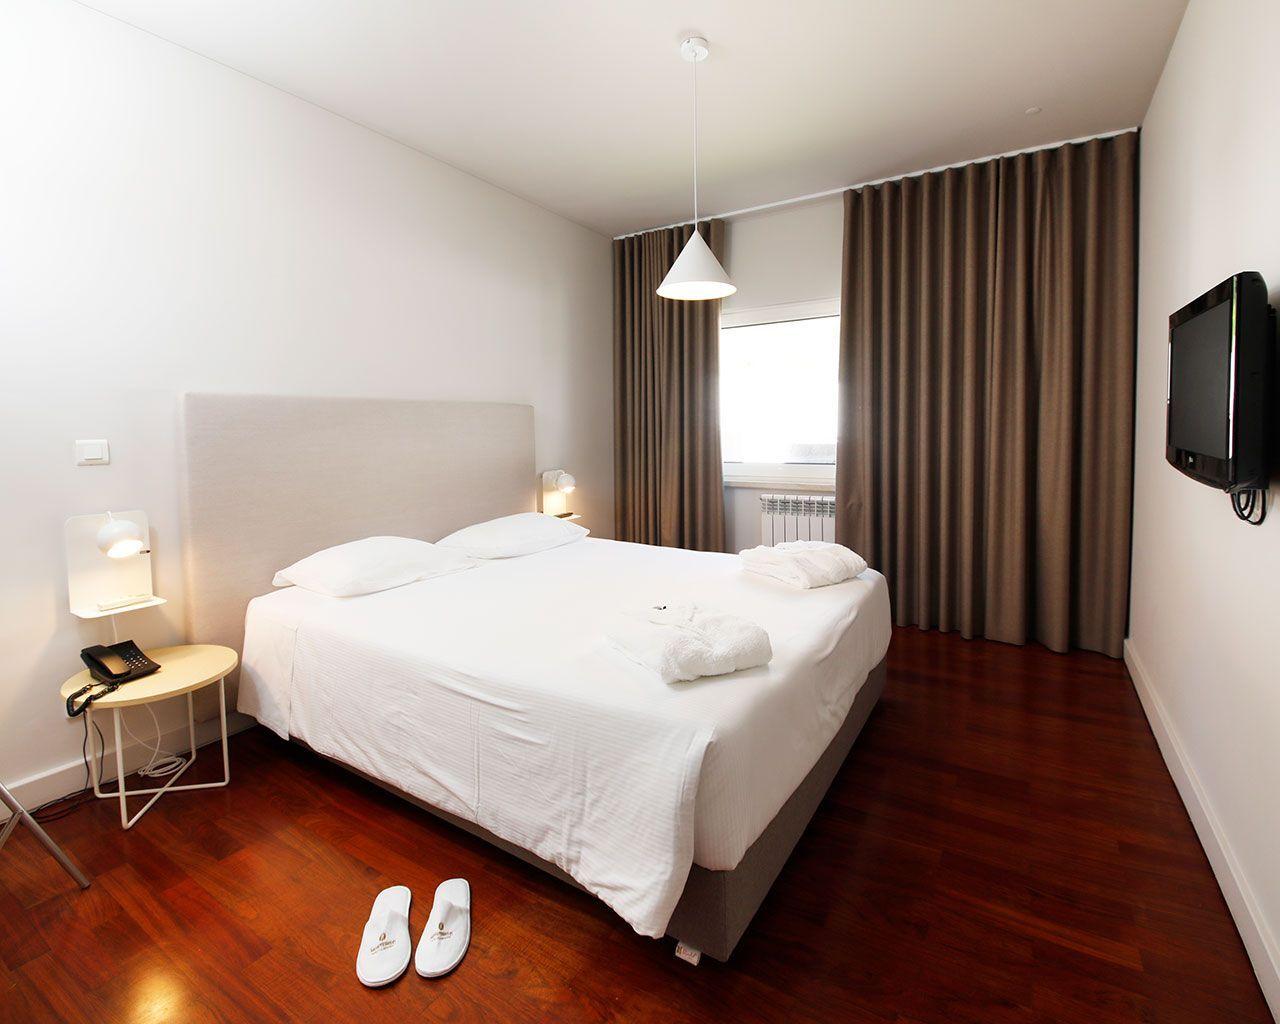 Quarto - Apartamento T1 Premium